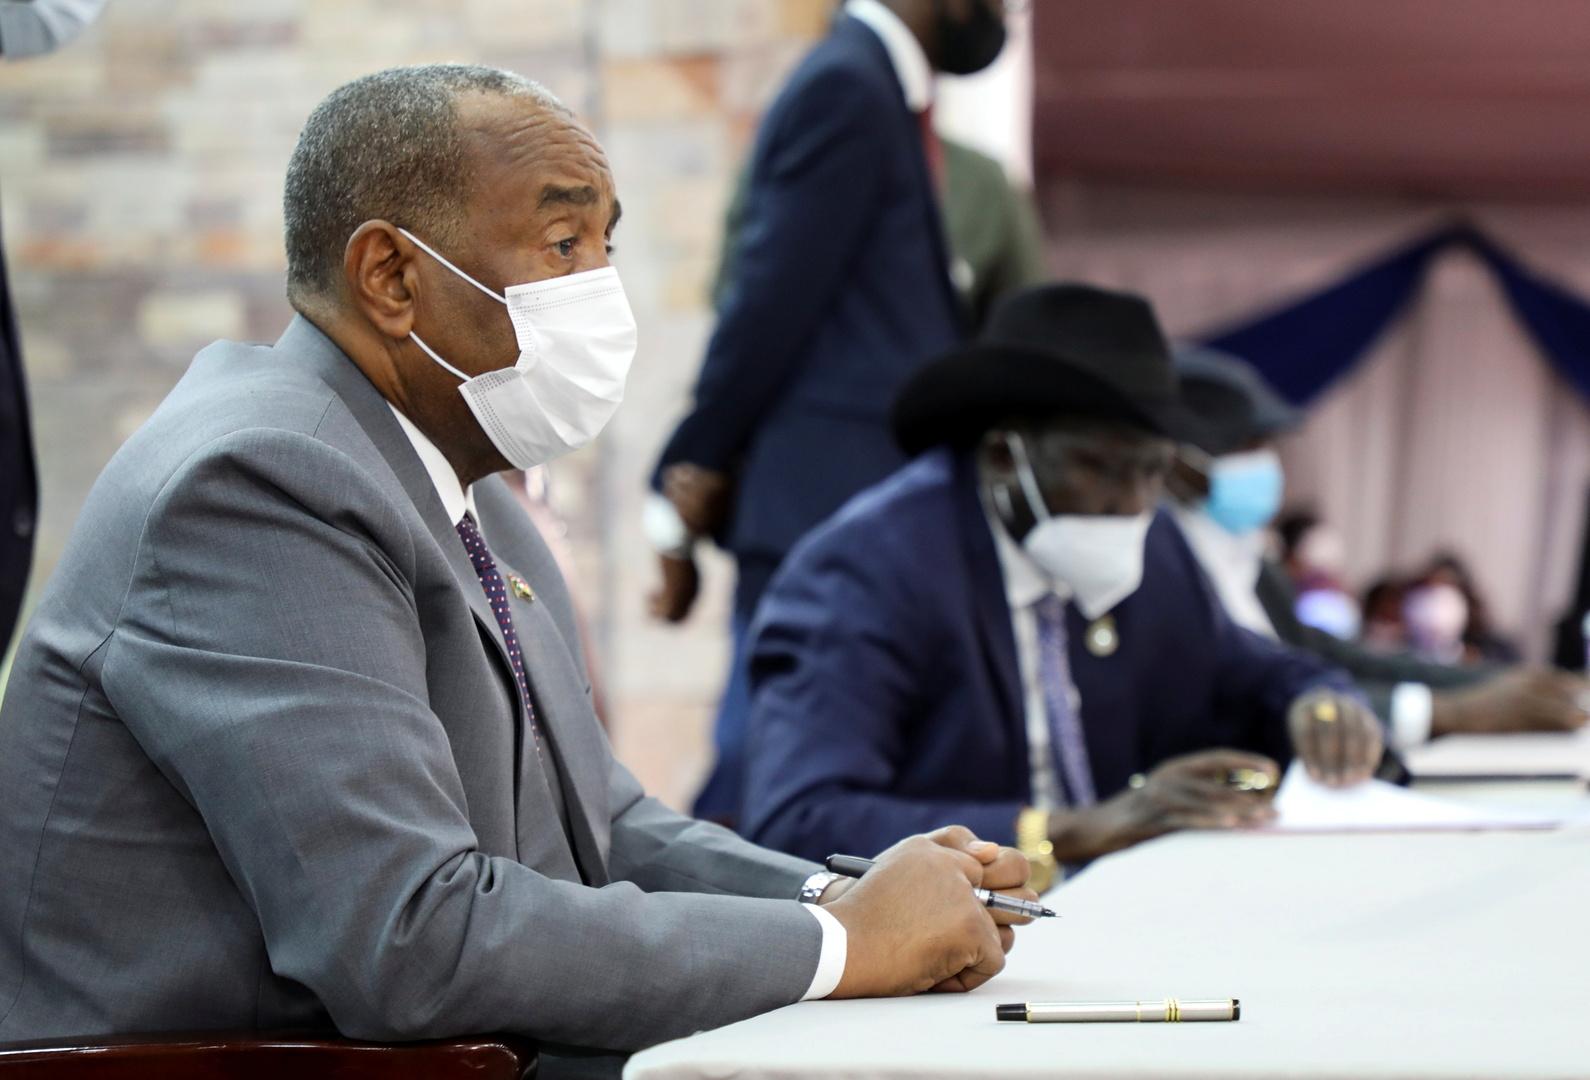 عبد الفتاح برهان رئيس المجلس السيادي السوداني، صورة من الأرشيف